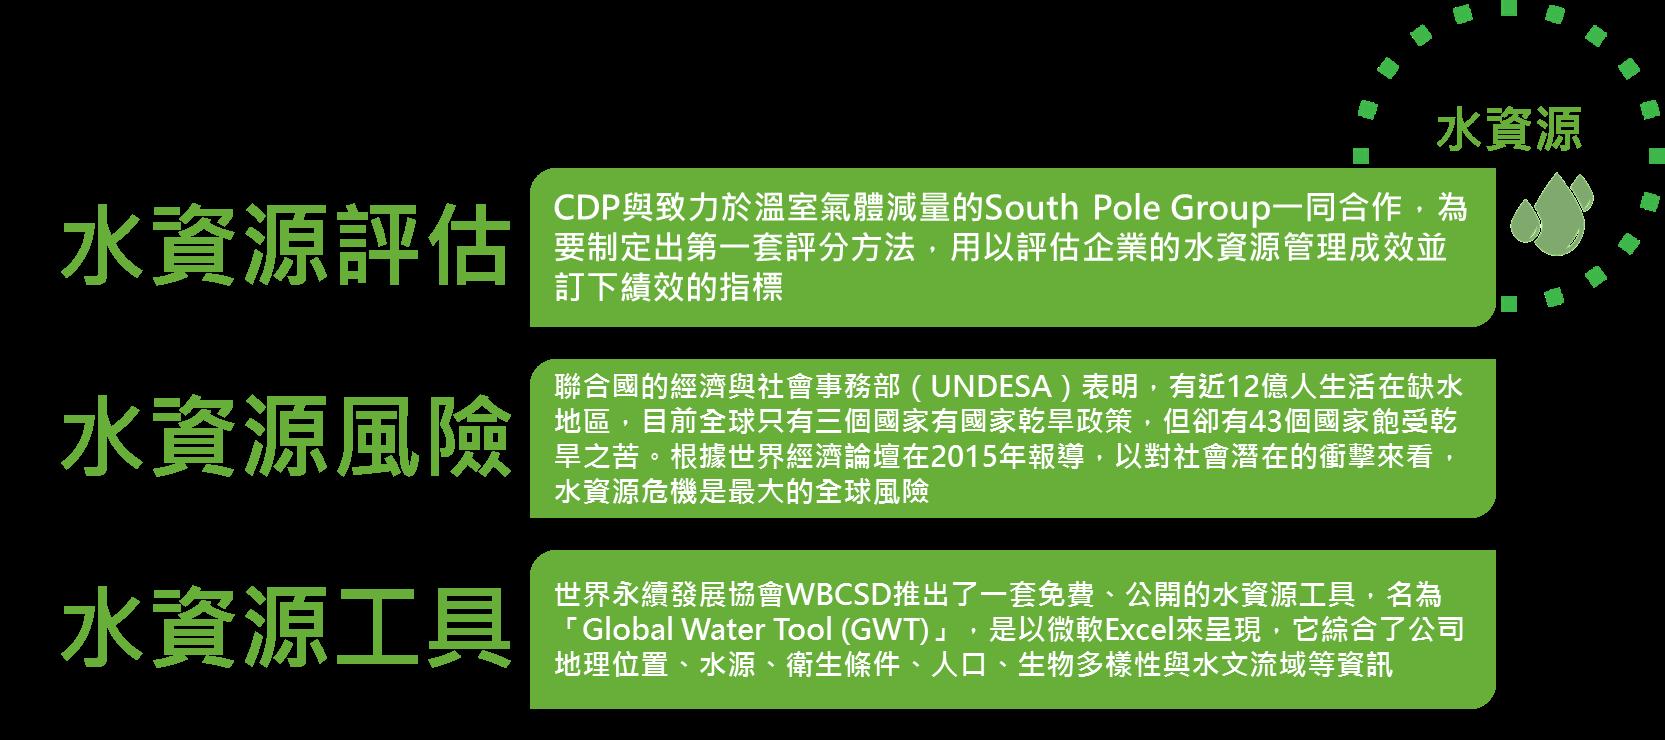 2015年精選專題回顧  - 水資源 - CSRone